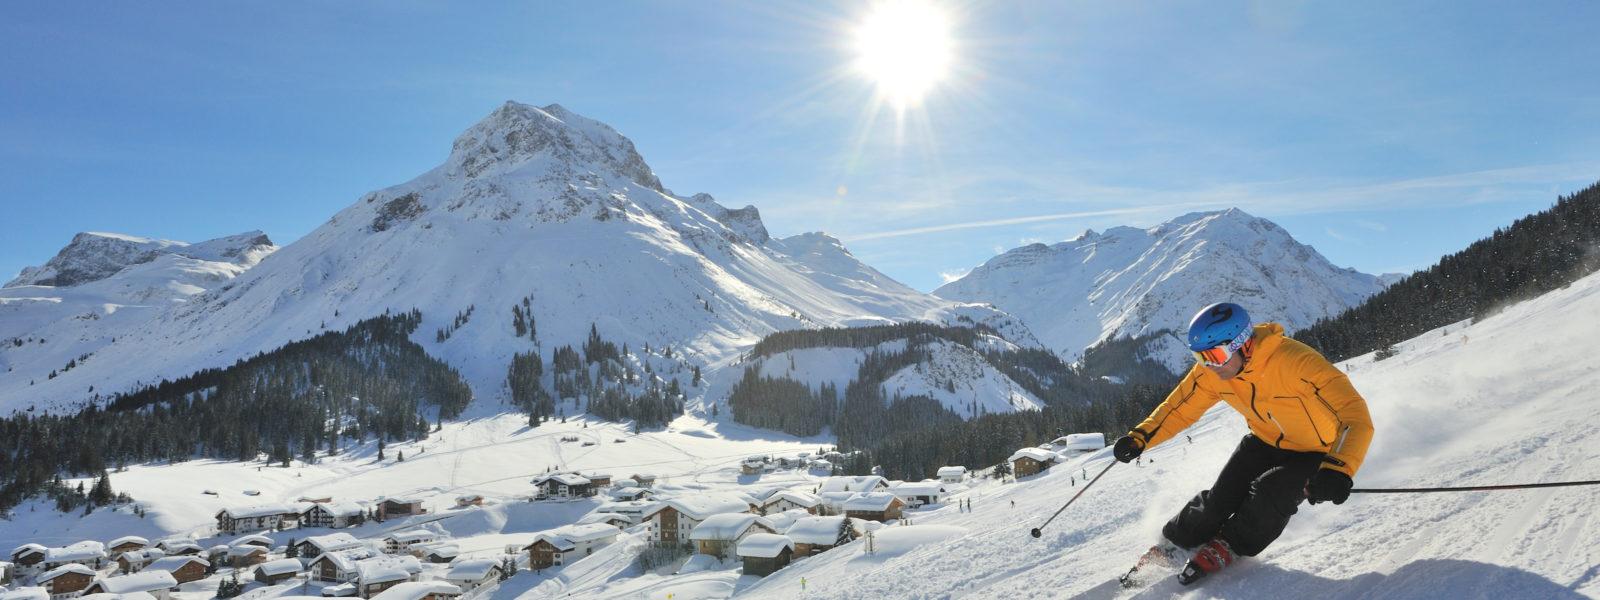 Arlberg Lech Zuers Plattenhof